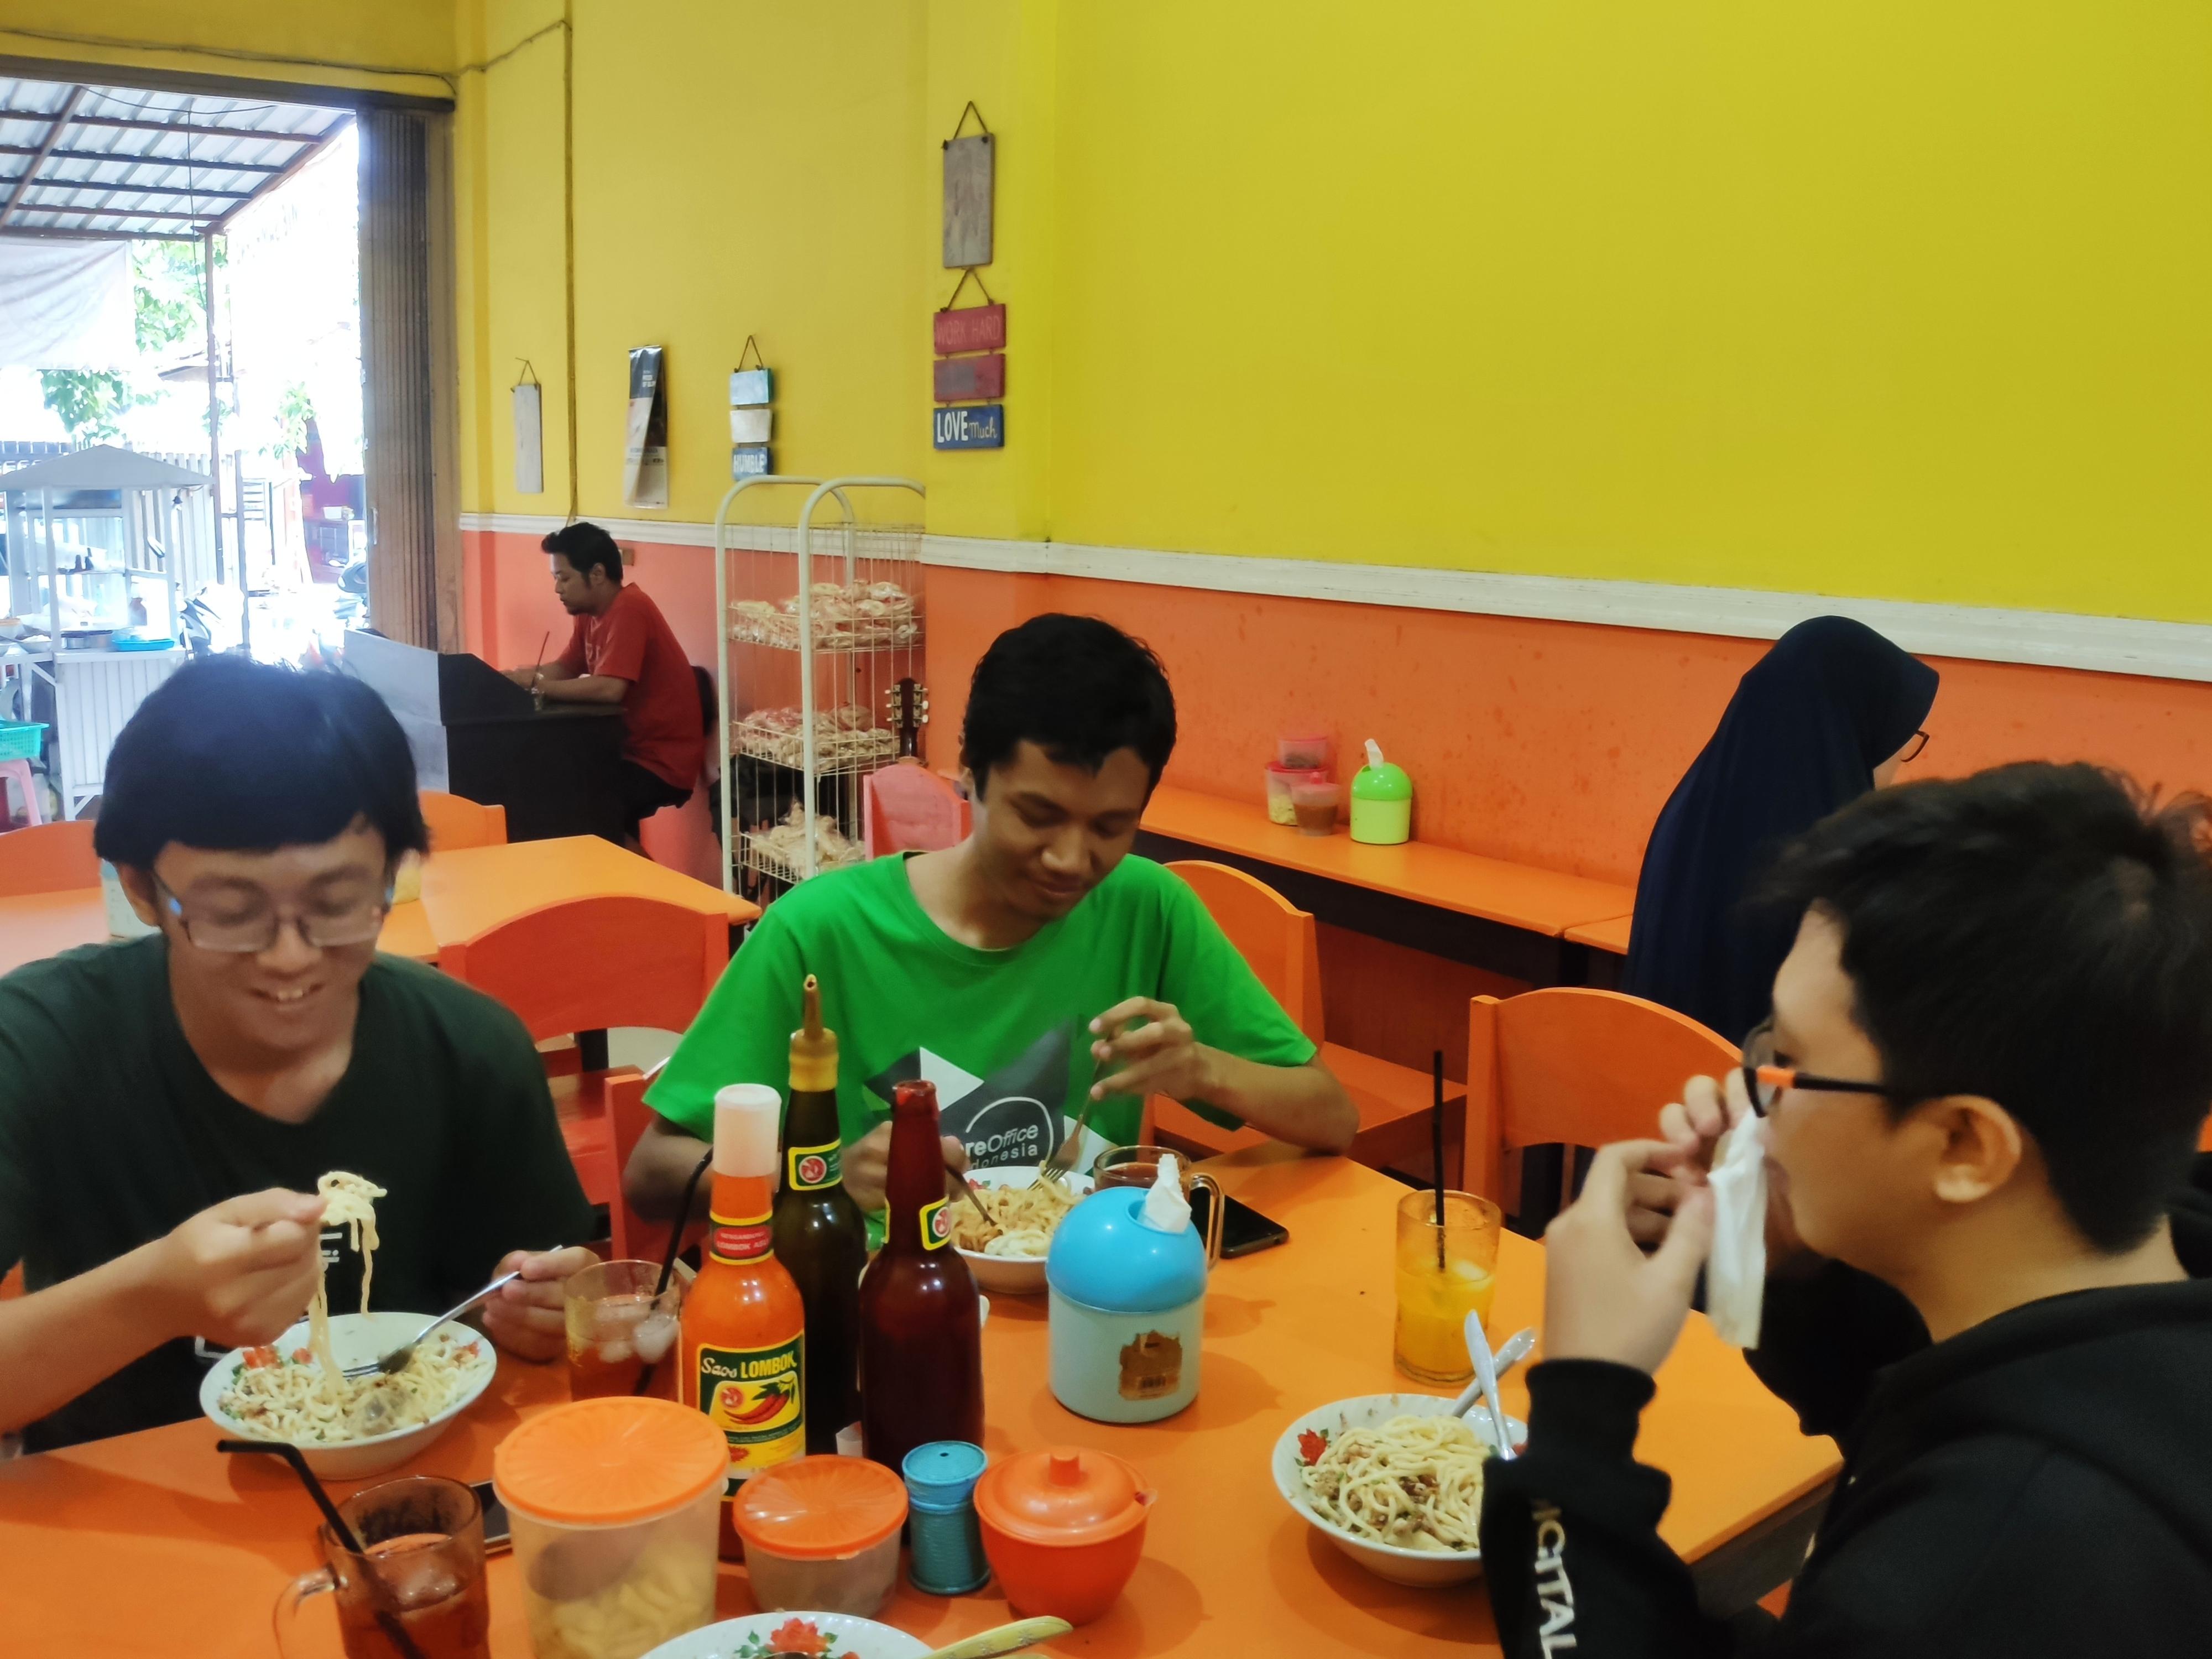 Makan Mie Apong